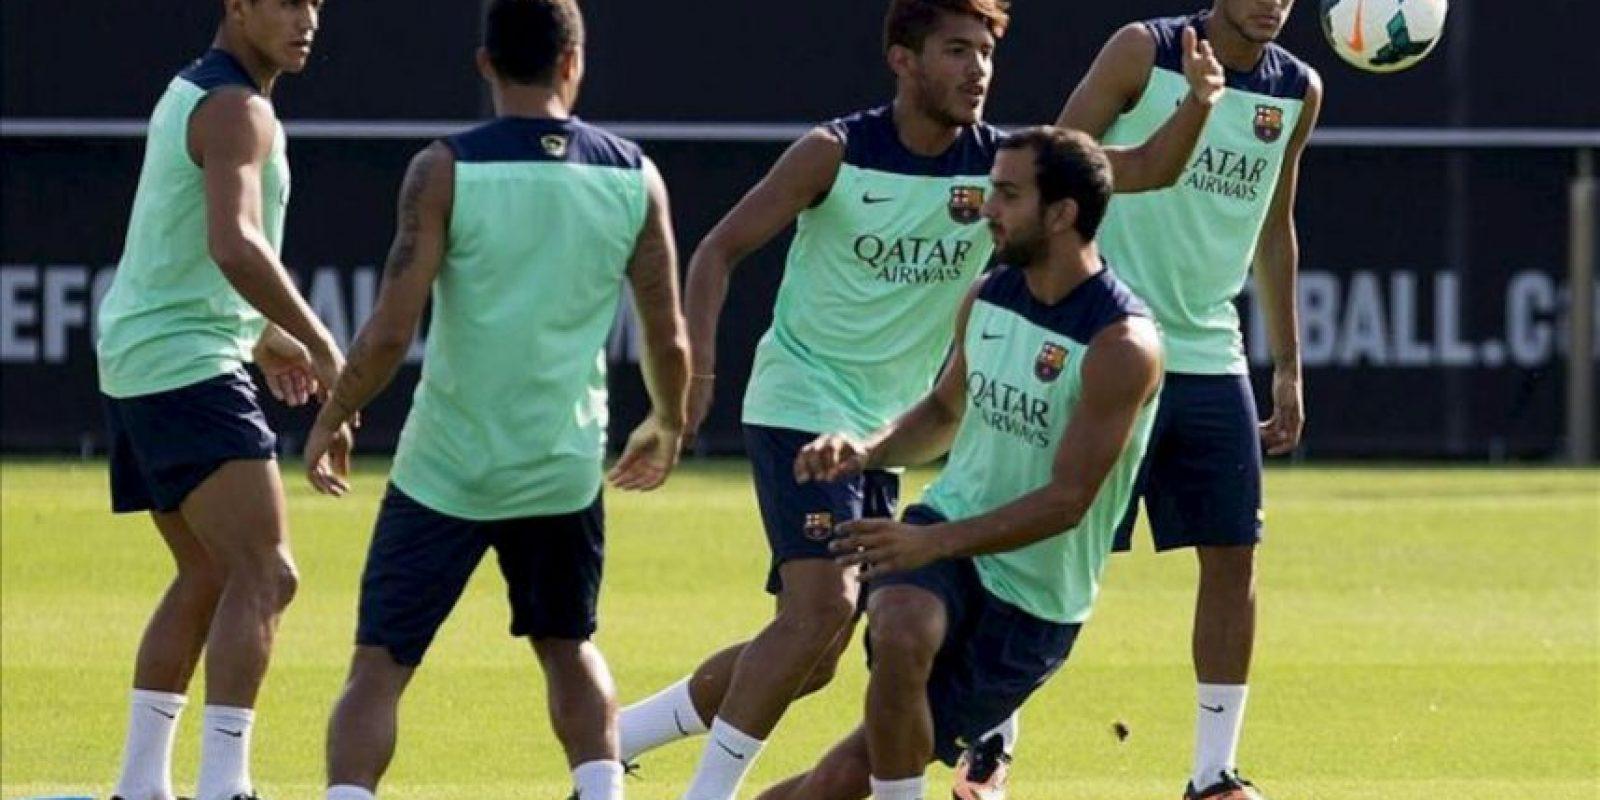 Los jugadores del Barcelona, (de izda a dcha) Alexis Sánchez, Jonathan dos Santos, Martín Montoya y Neymar, durante el entrenamiento del equipo en la ciudad deportiva Joan Gamper, de cara al partido de mañana frente al Málaga correspondiente a la segunda jornada de la Liga de Primera División. EFE